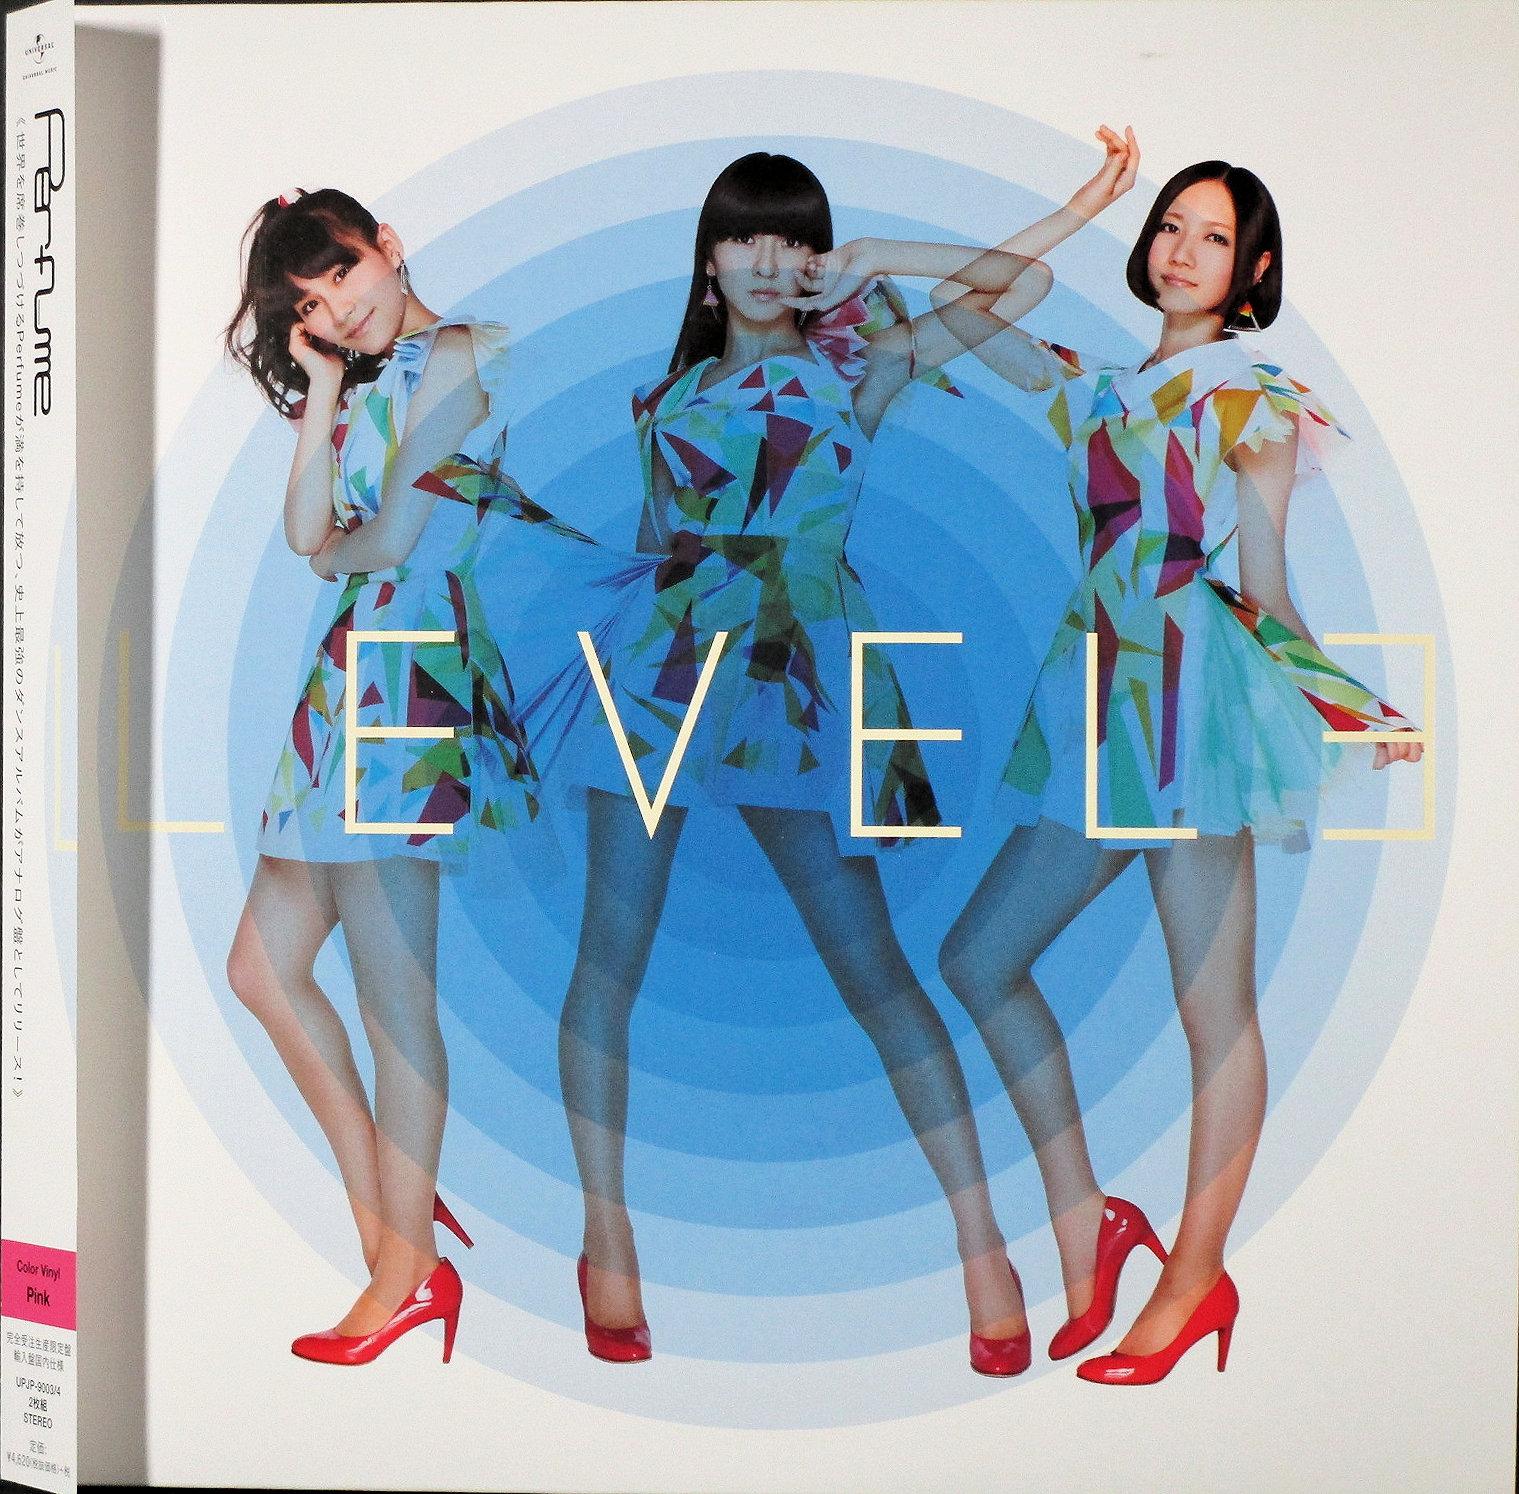 Perfume パフューム / Level 3 レベルスリー